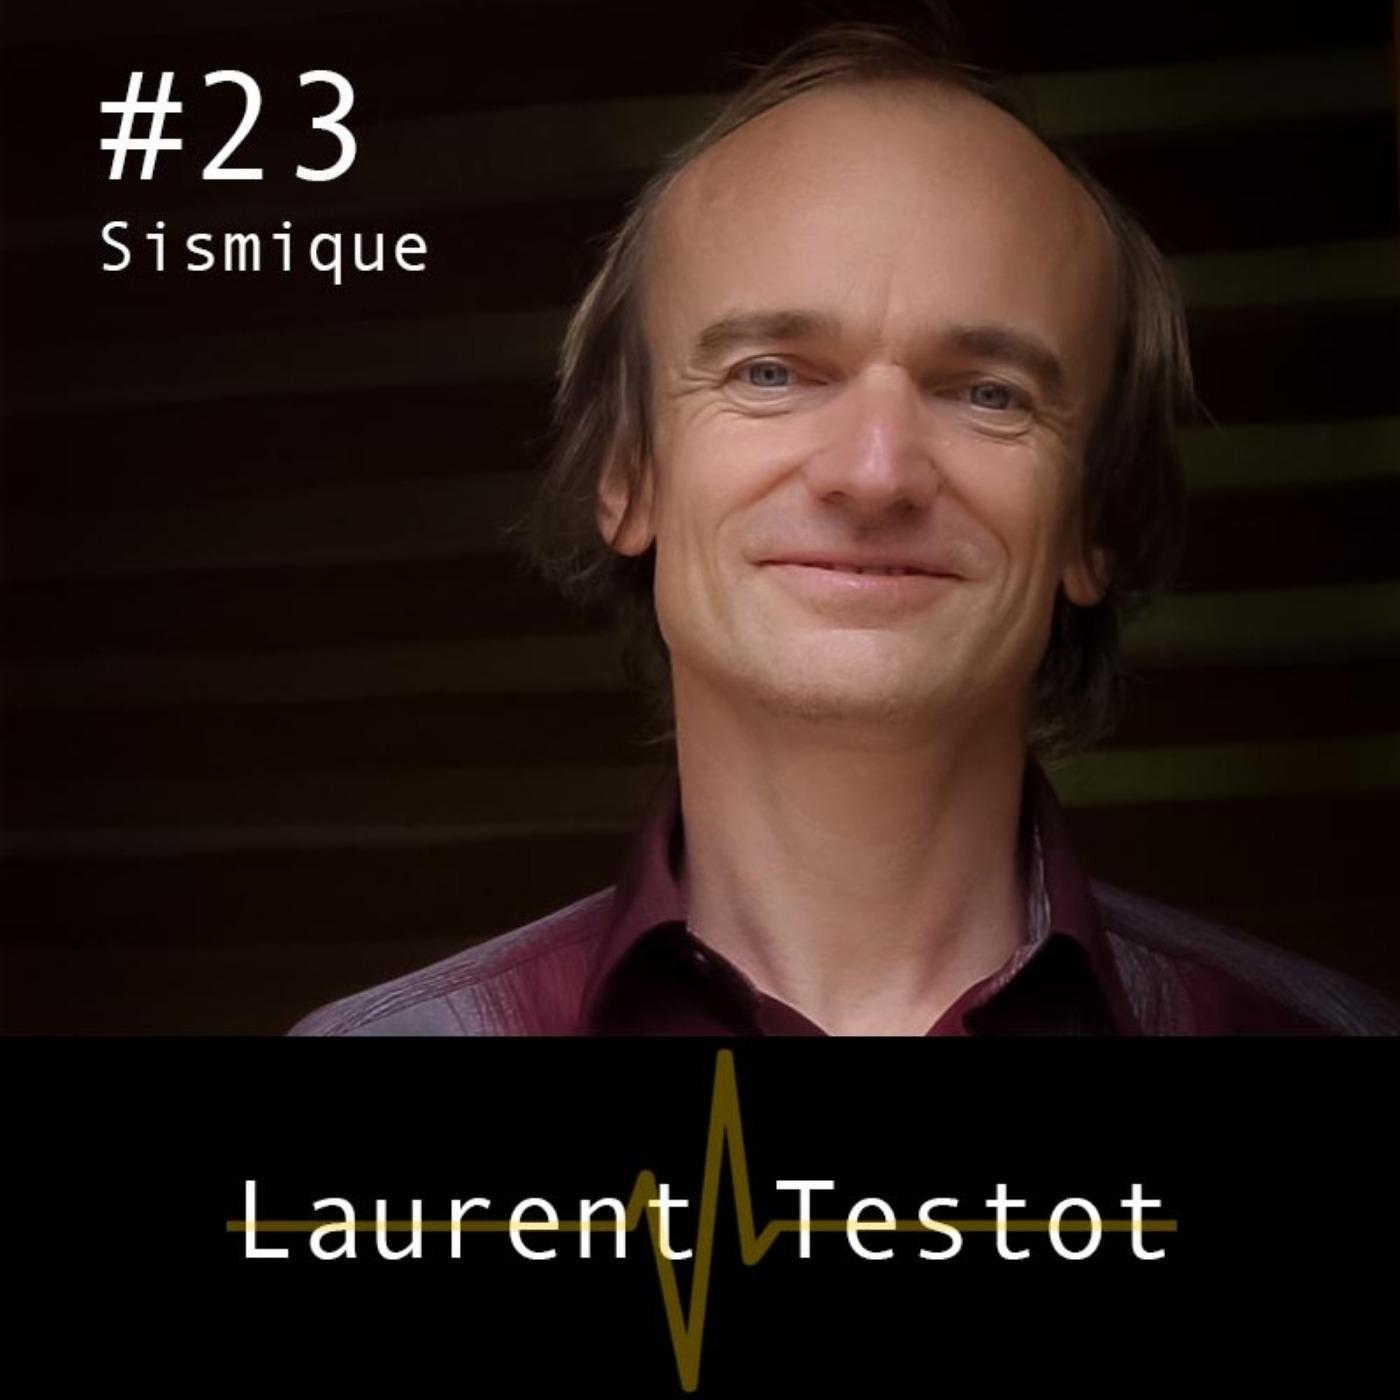 Le passé éclaire l'avenir - Laurent Testot